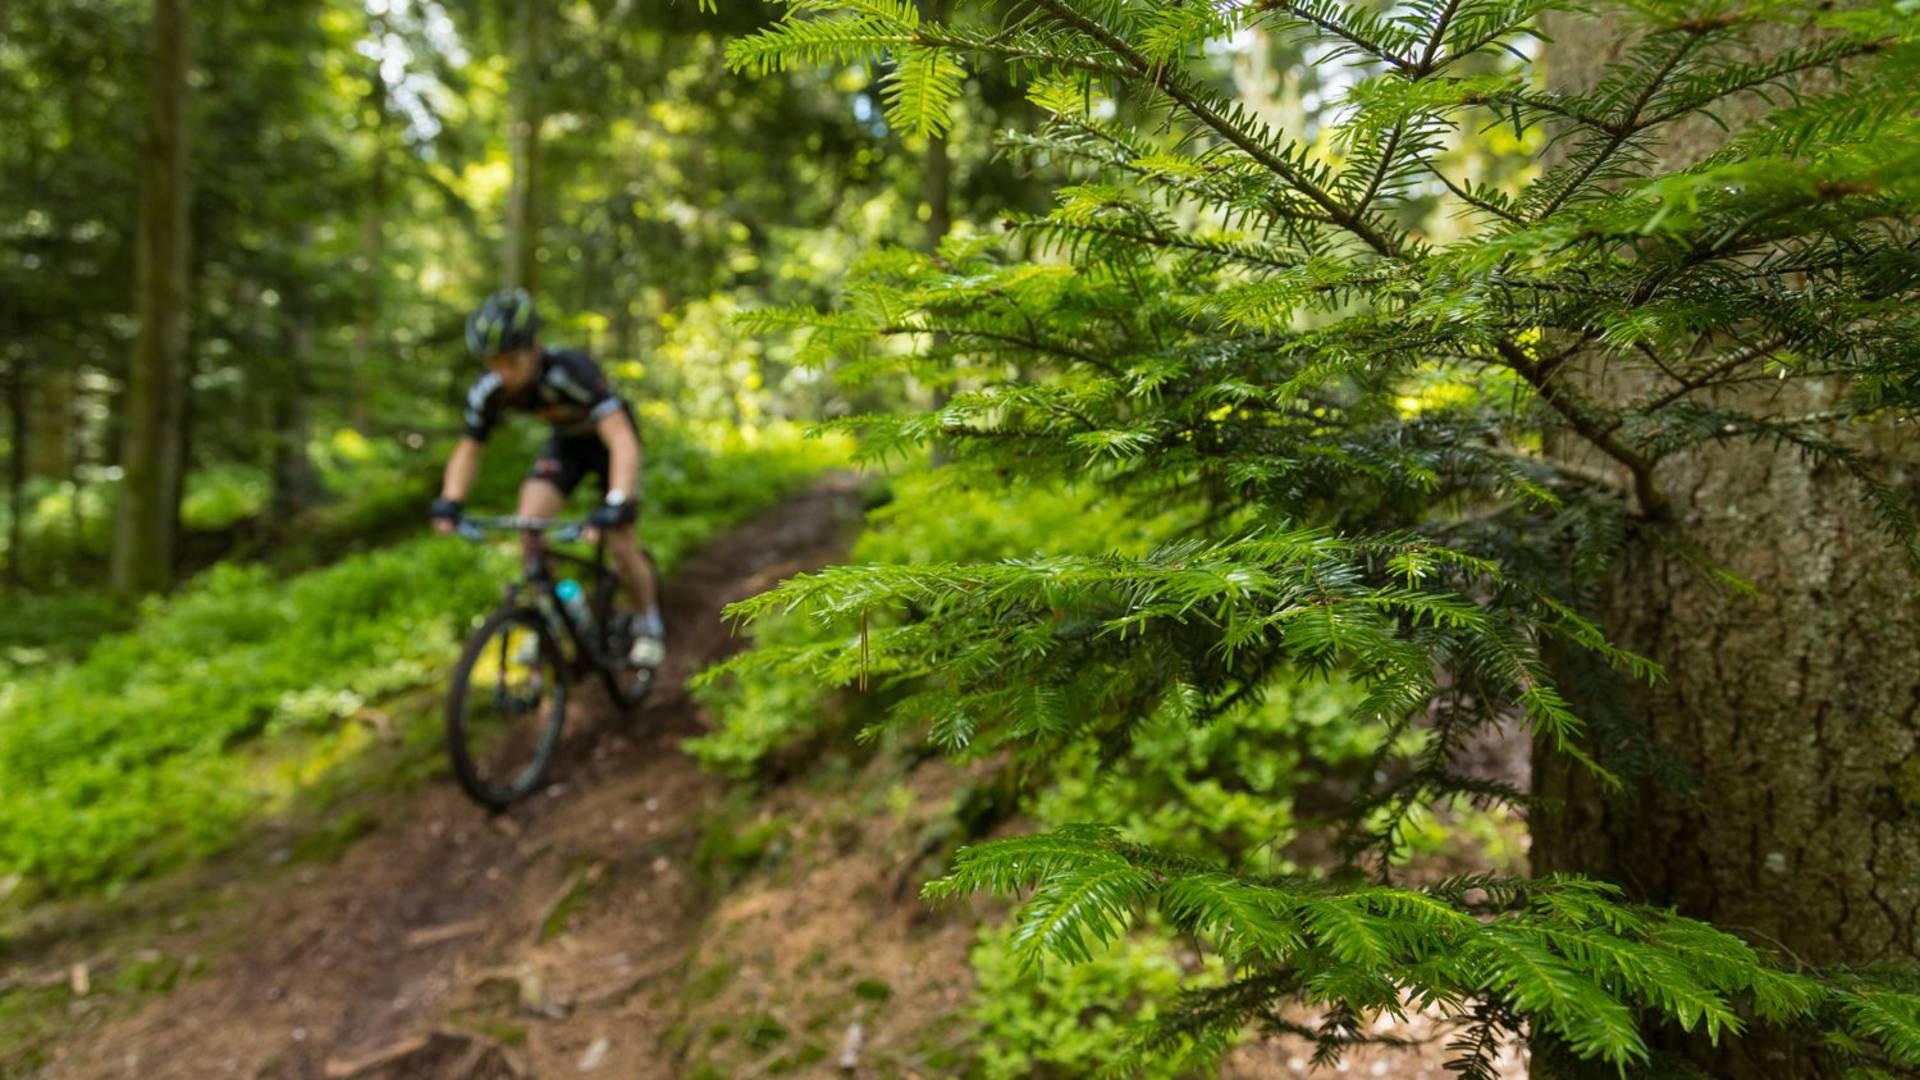 VTT Epinal -Vélo de descente - Circuits VTT Vosges - Clubs VTT Epinal